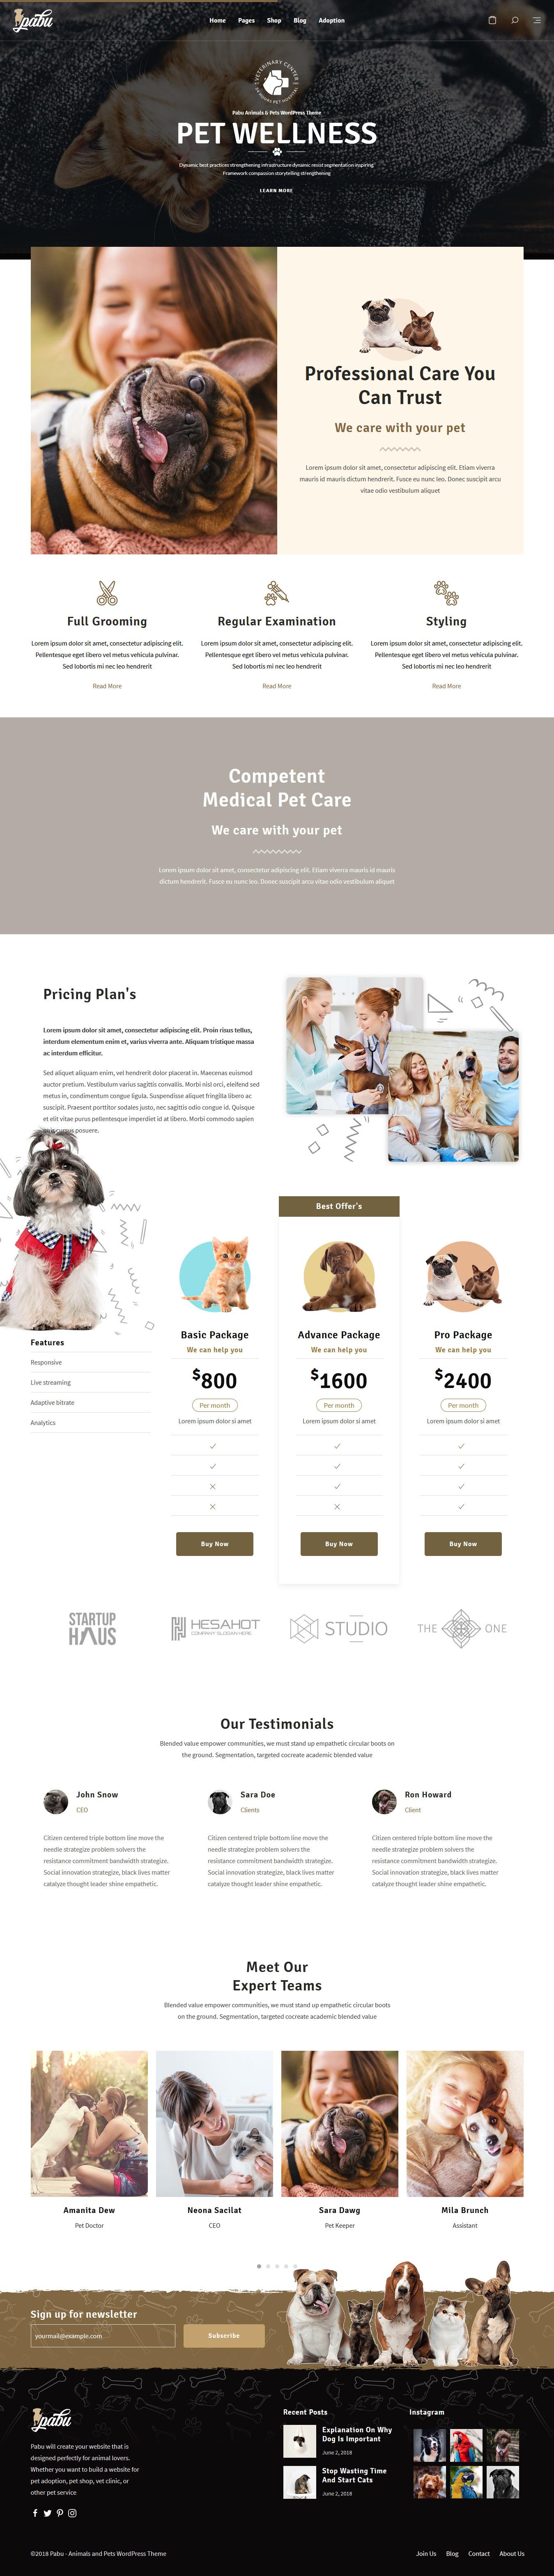 Pabu - Best Premium Animal and Pet WordPress Theme